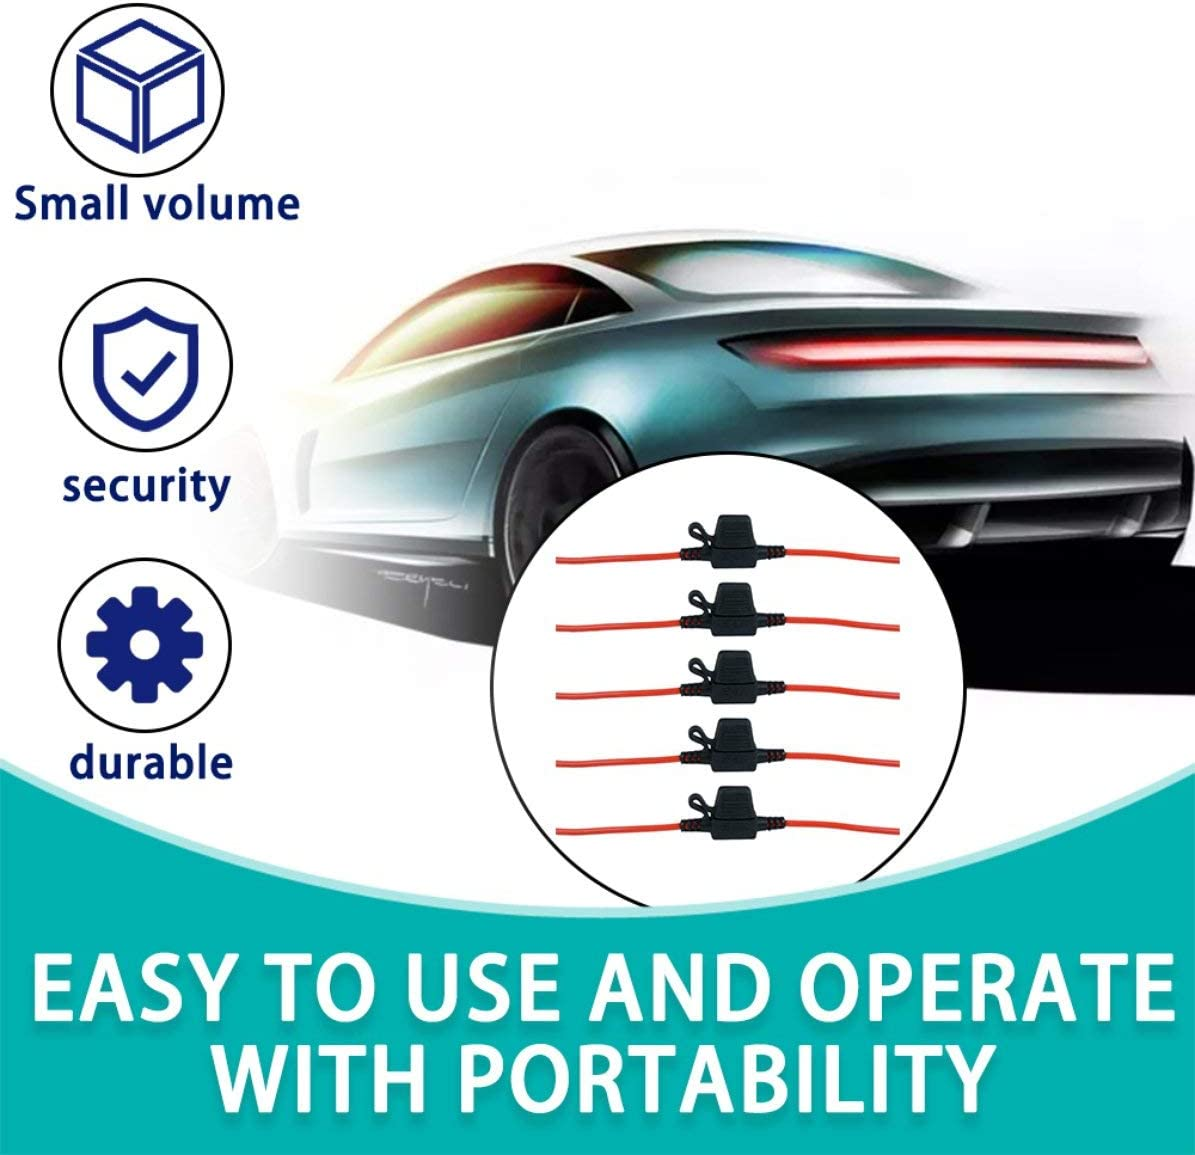 5 x Portafusibili mini lama in linea antispruzzo per fusibili 12V 20A Supporto nero per auto con filo rosso